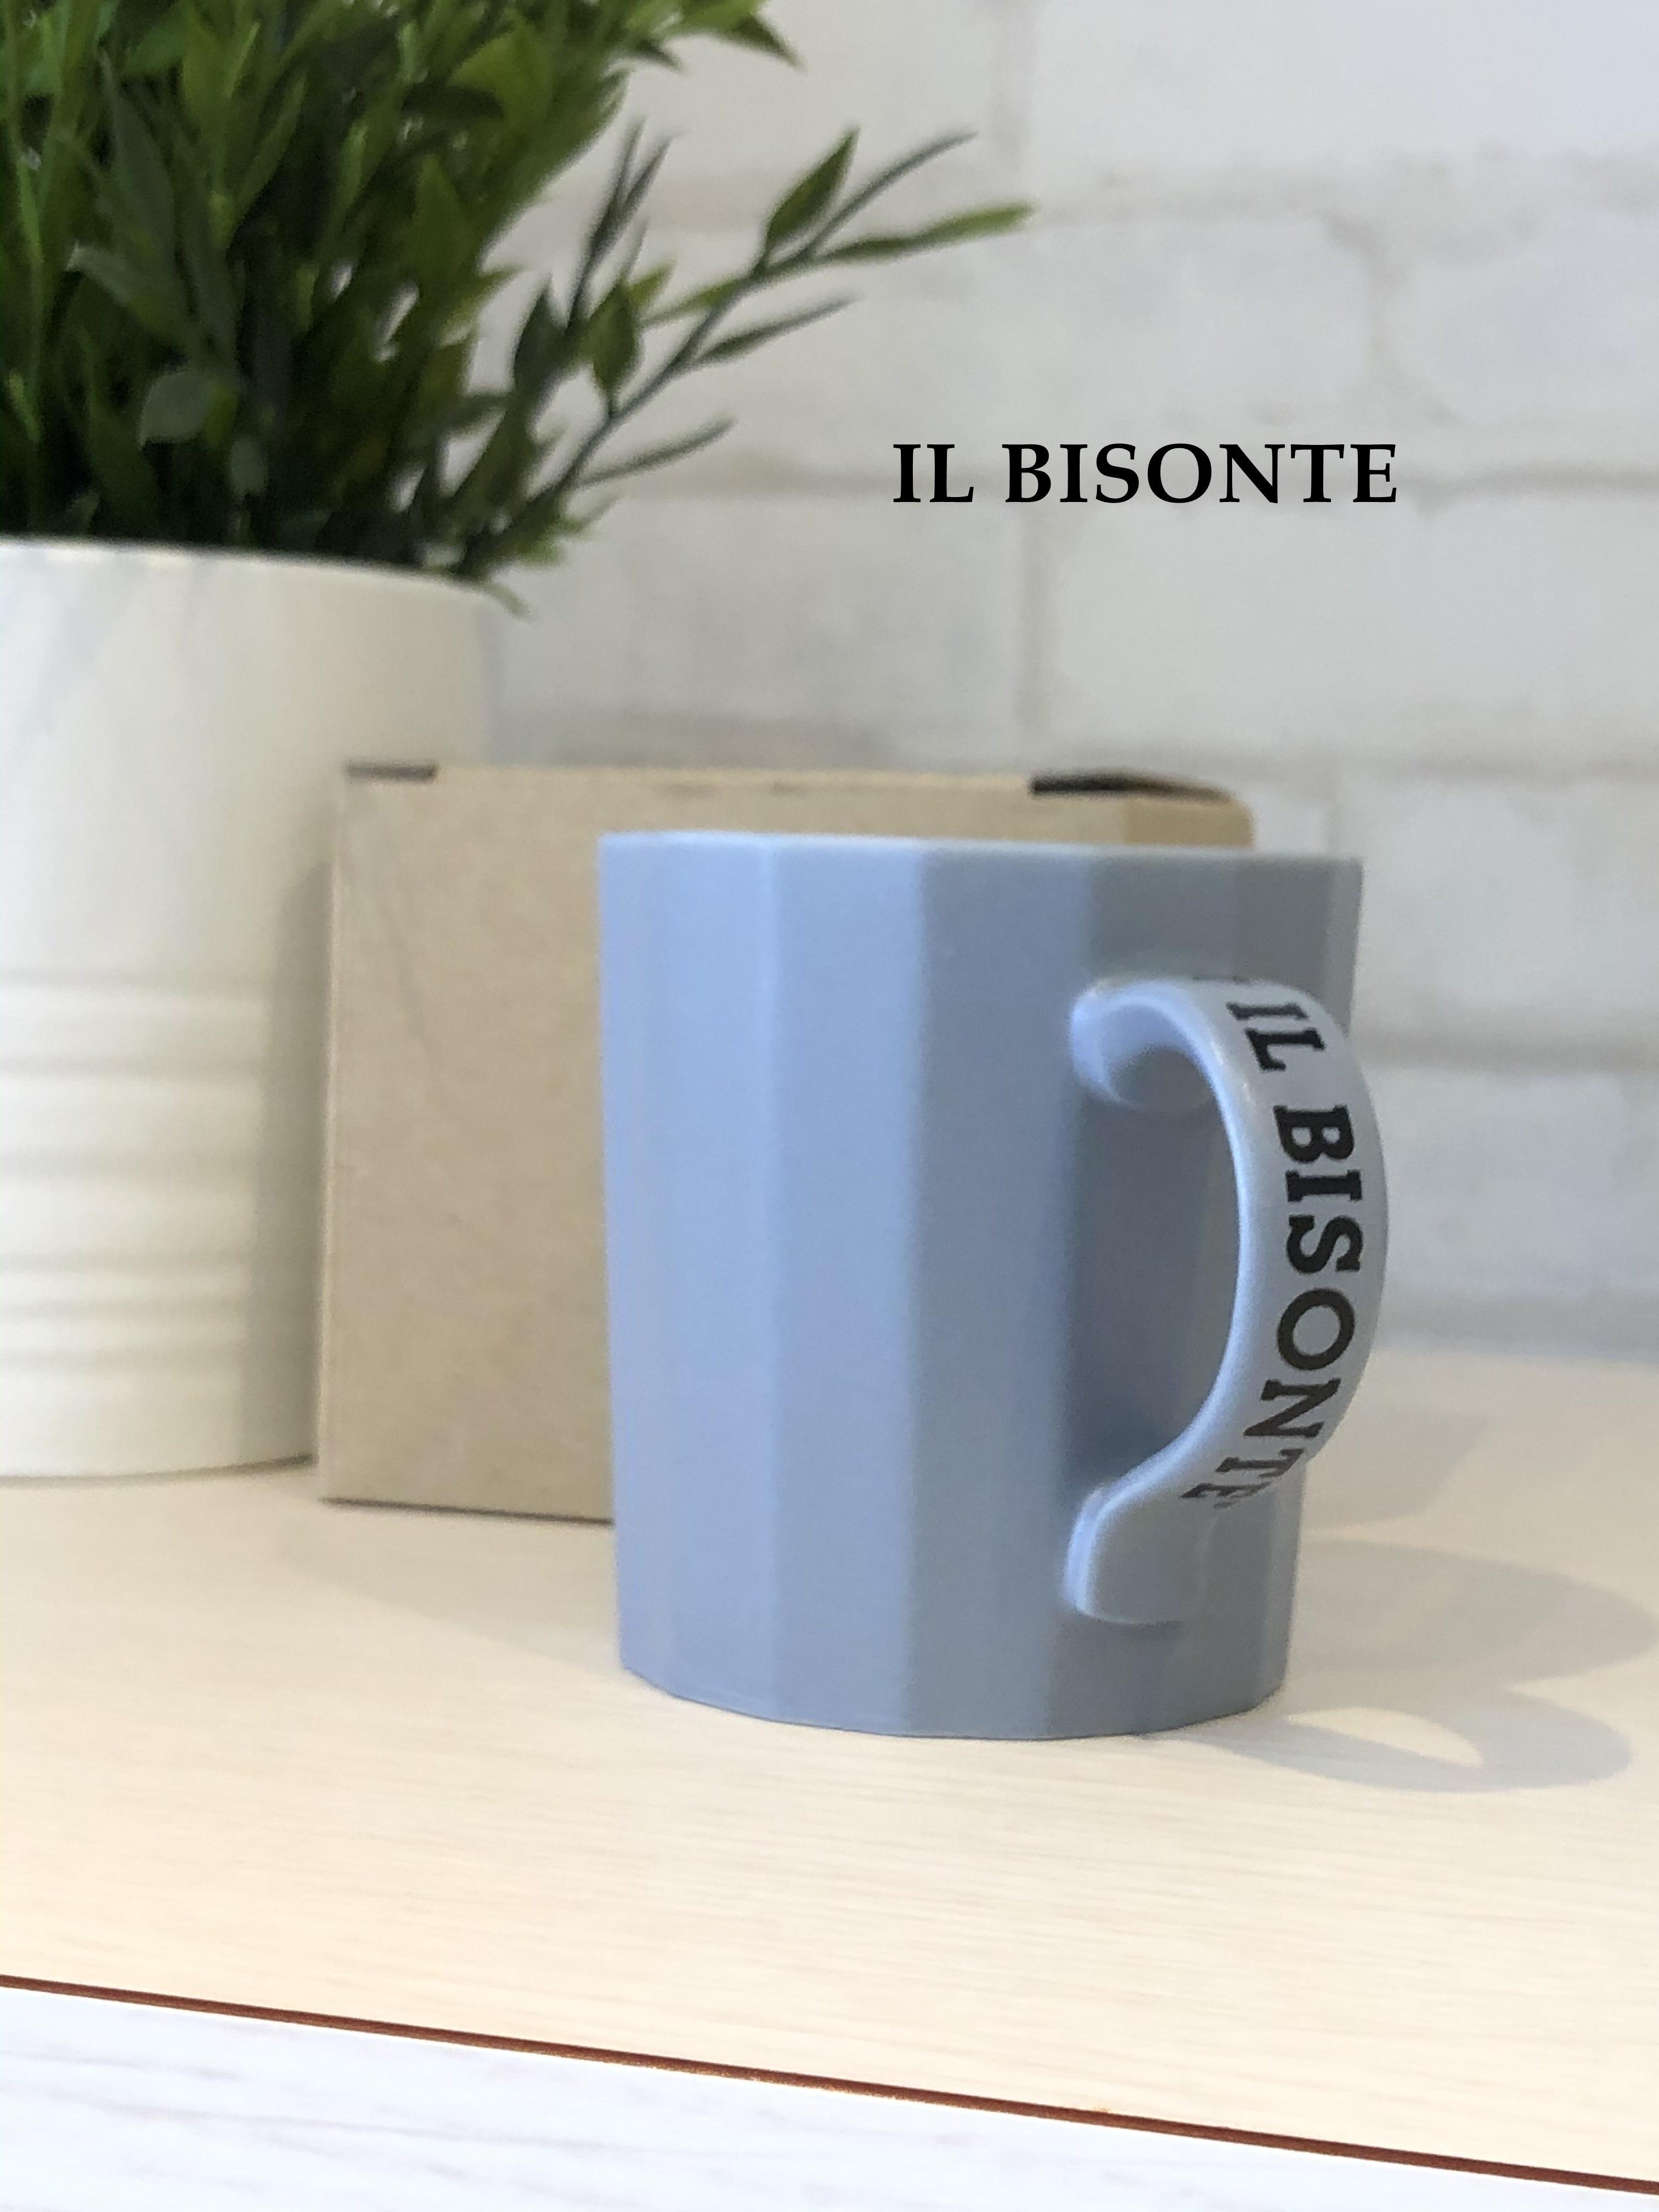 IL BISONTE/マグカップ/4198(ブルーグレー)